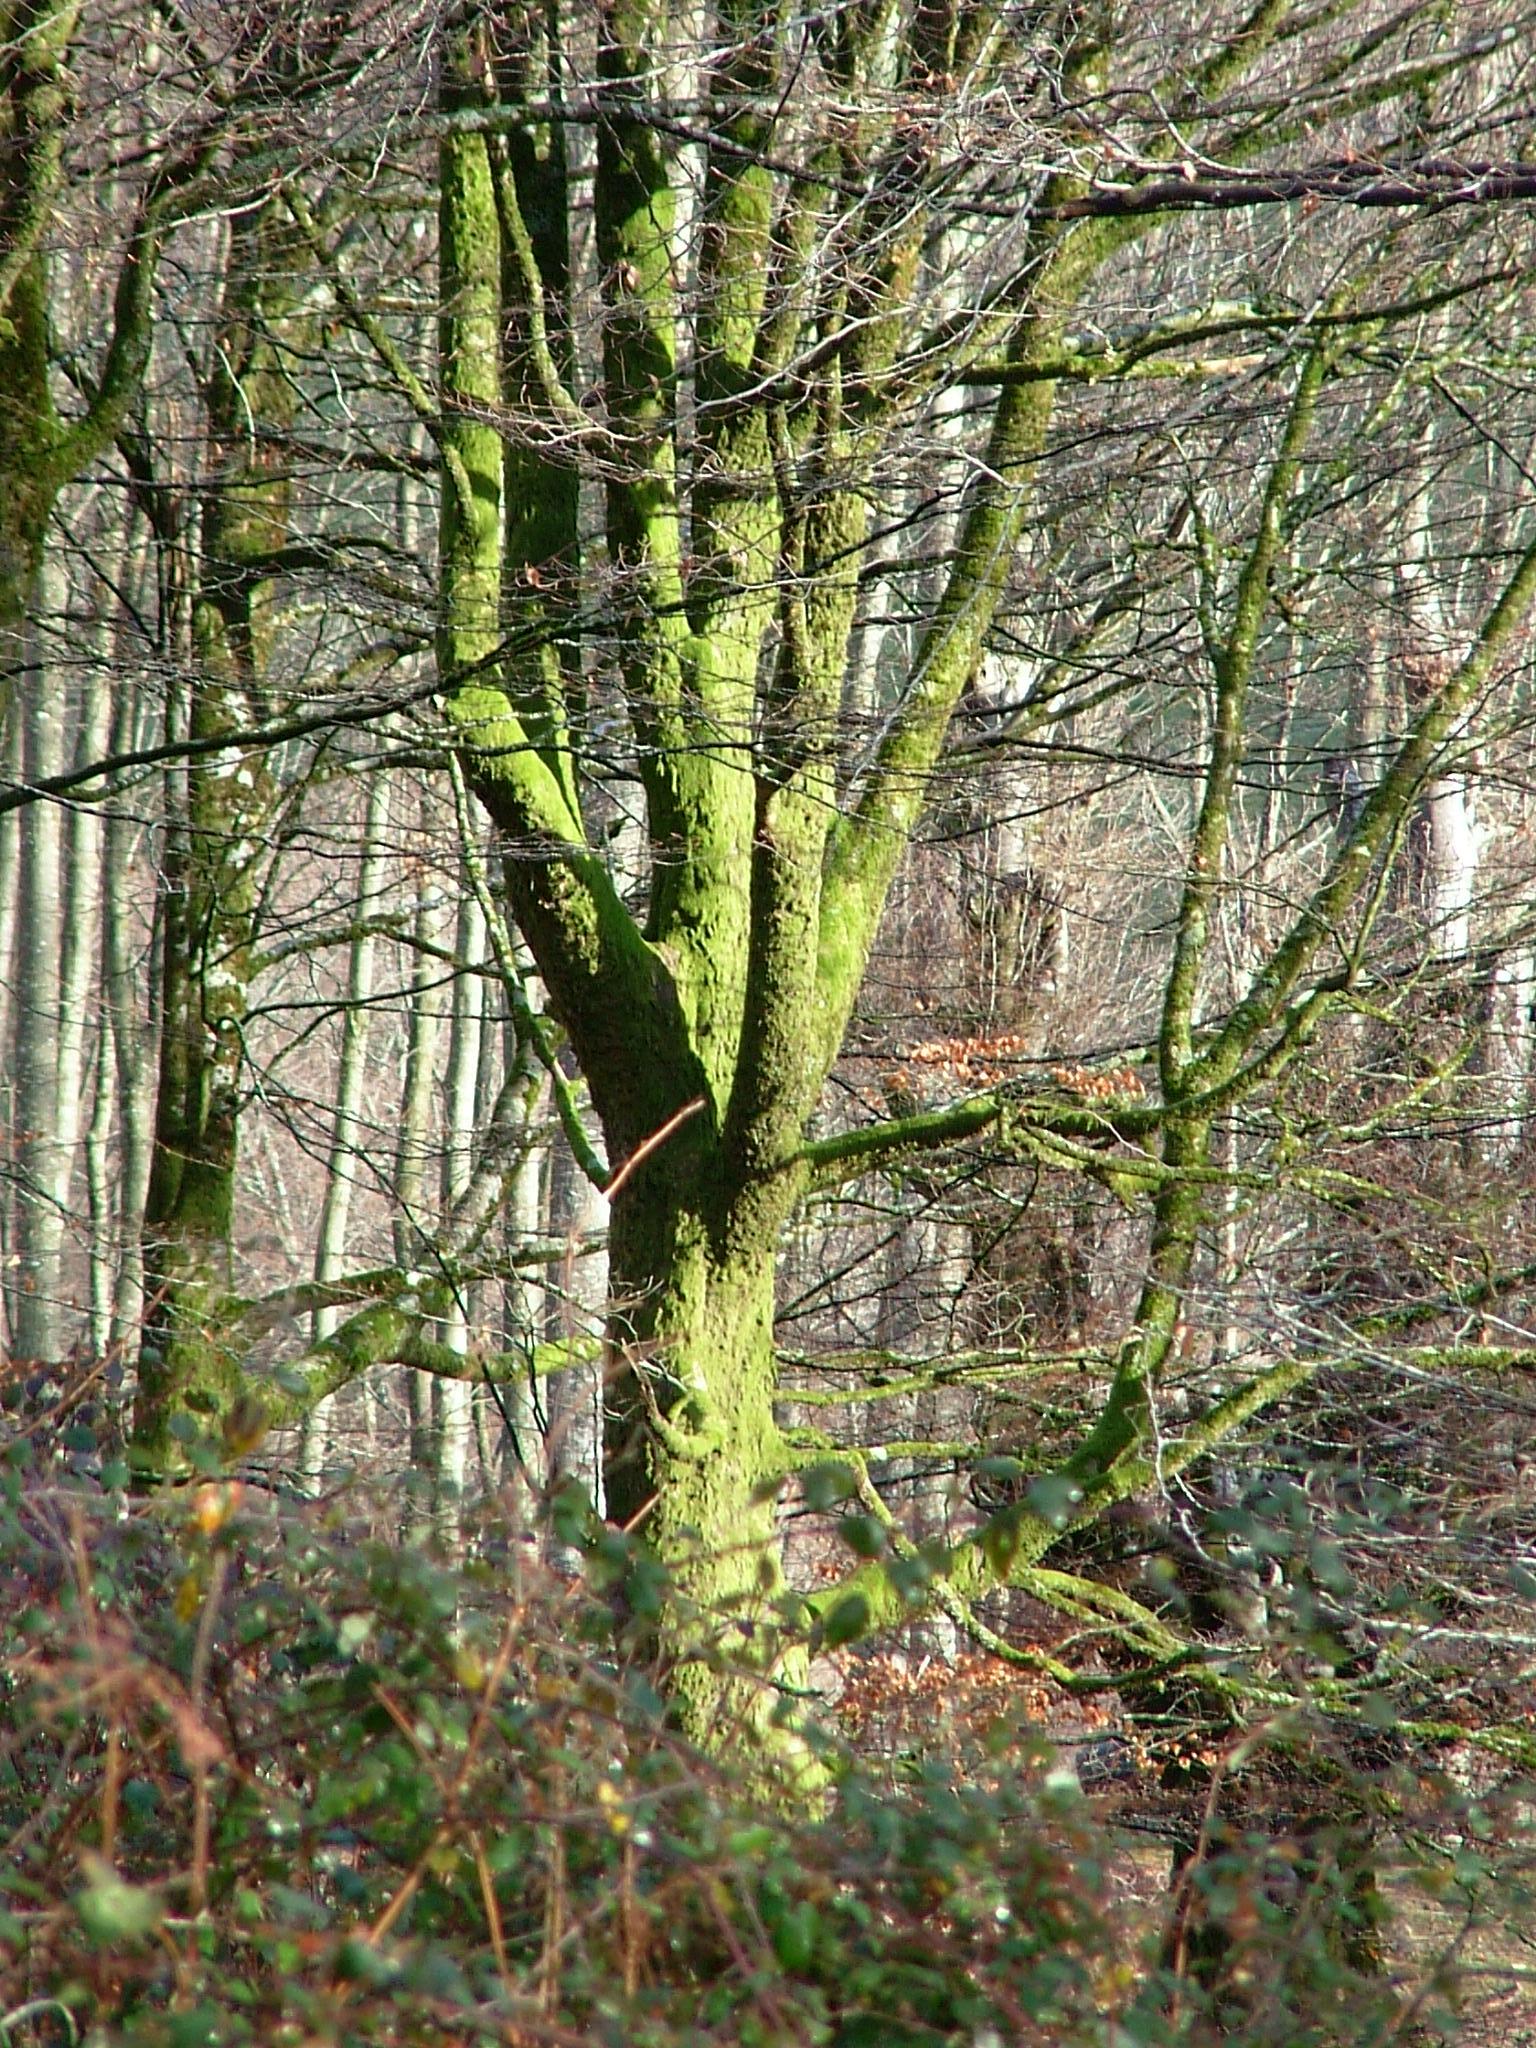 Bosque fantástico incluso en invierno